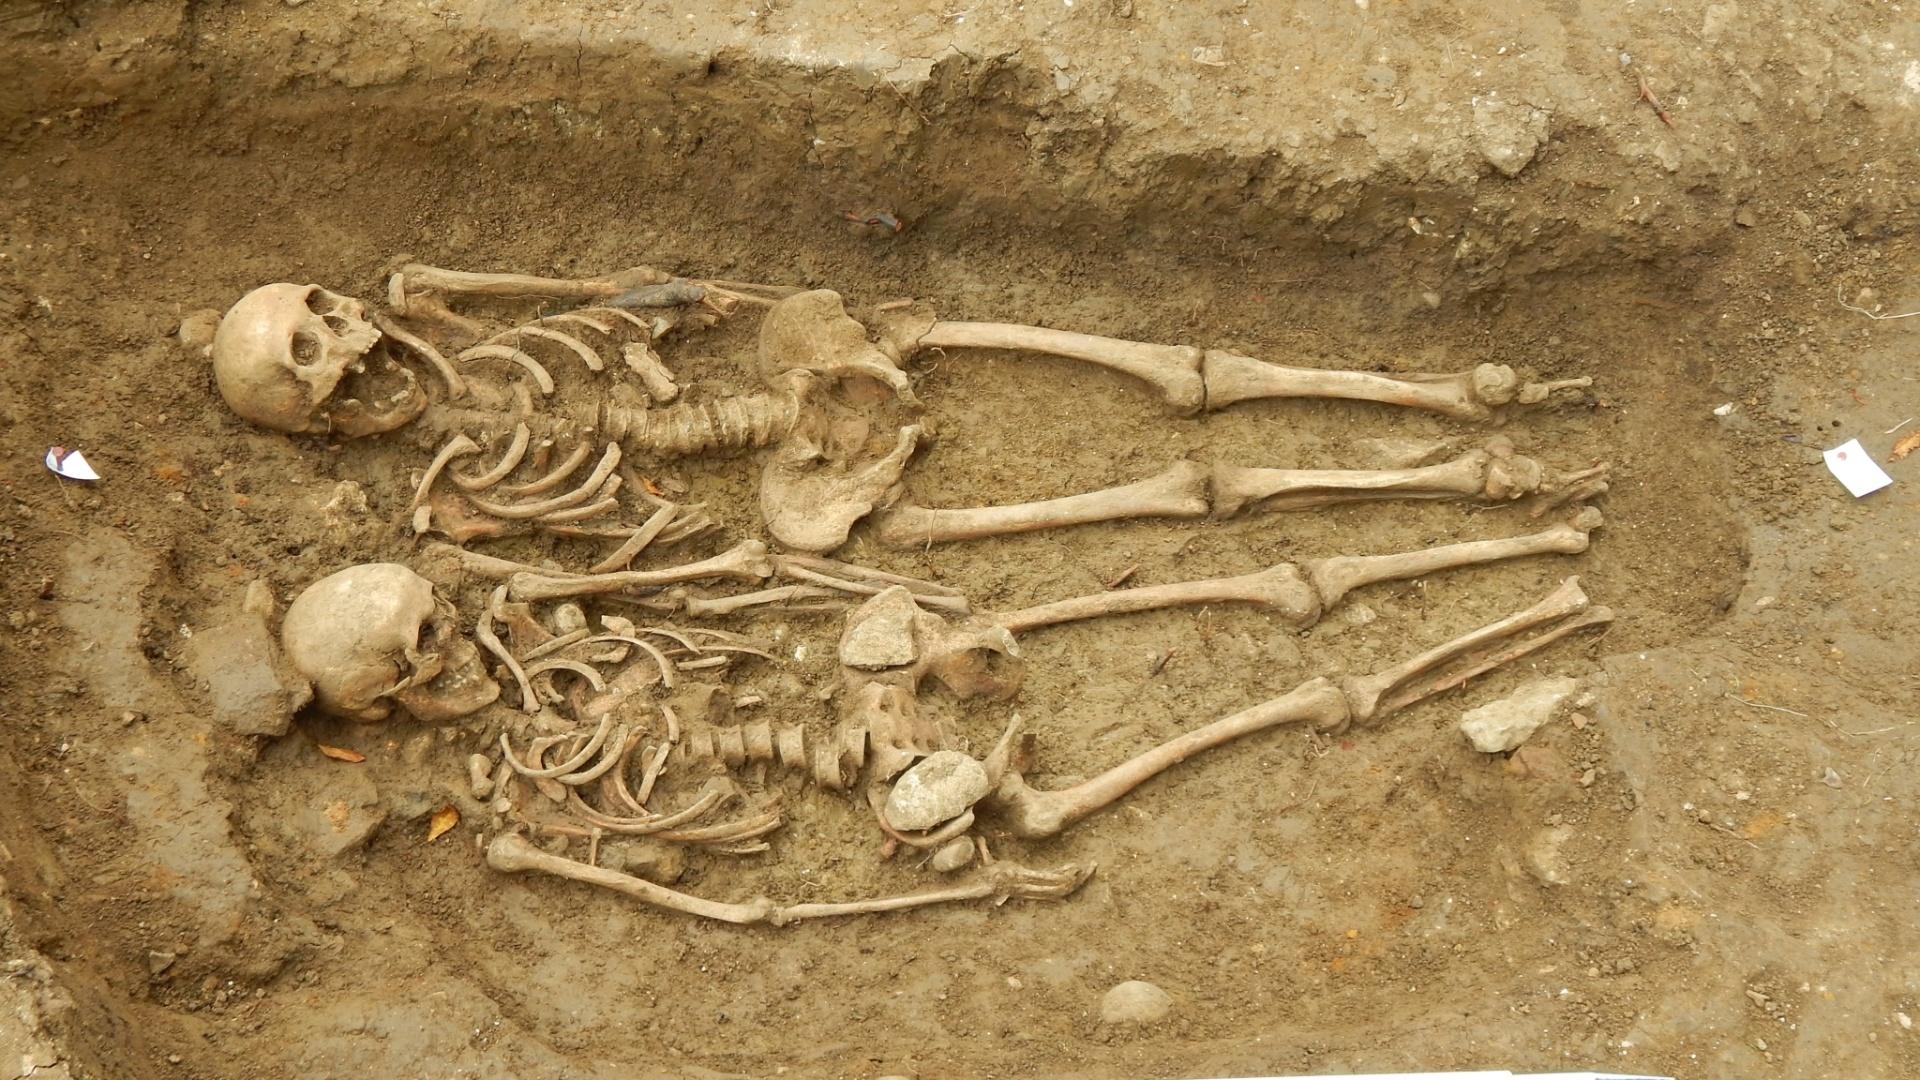 16.set.2014 - 16.set.2014 - O casal de esqueletos centenários foi encontrado na capela nomeada como St Morrell, um local de peregrinação na vila de Hallaton durante o século 14. Os ossos foram descobertos entre outros nove corpos do mesmo período. Entre eles o de um homem mais velho que foi morto por um instrumento pontiagudo, como um machado, na cabeça, possivelmente durante uma batalha. E de um jovem do sexo masculino que foi enterrado em uma cova com as pernas dobradas, de modo que encostassem em seu peito